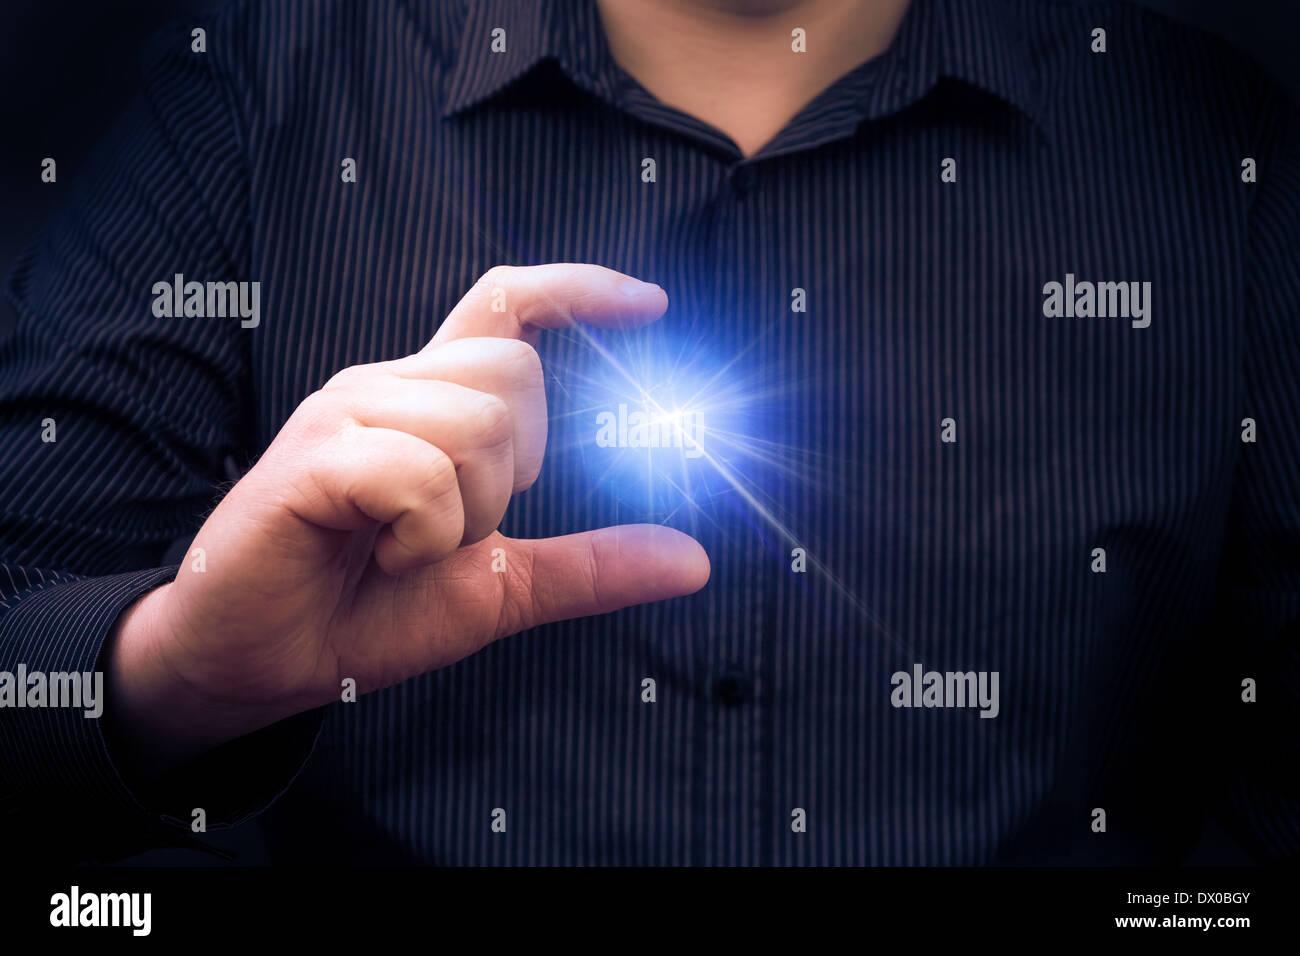 Auf mysteriöse Weise emittierende macht in der Hand eines Mannes Stockbild